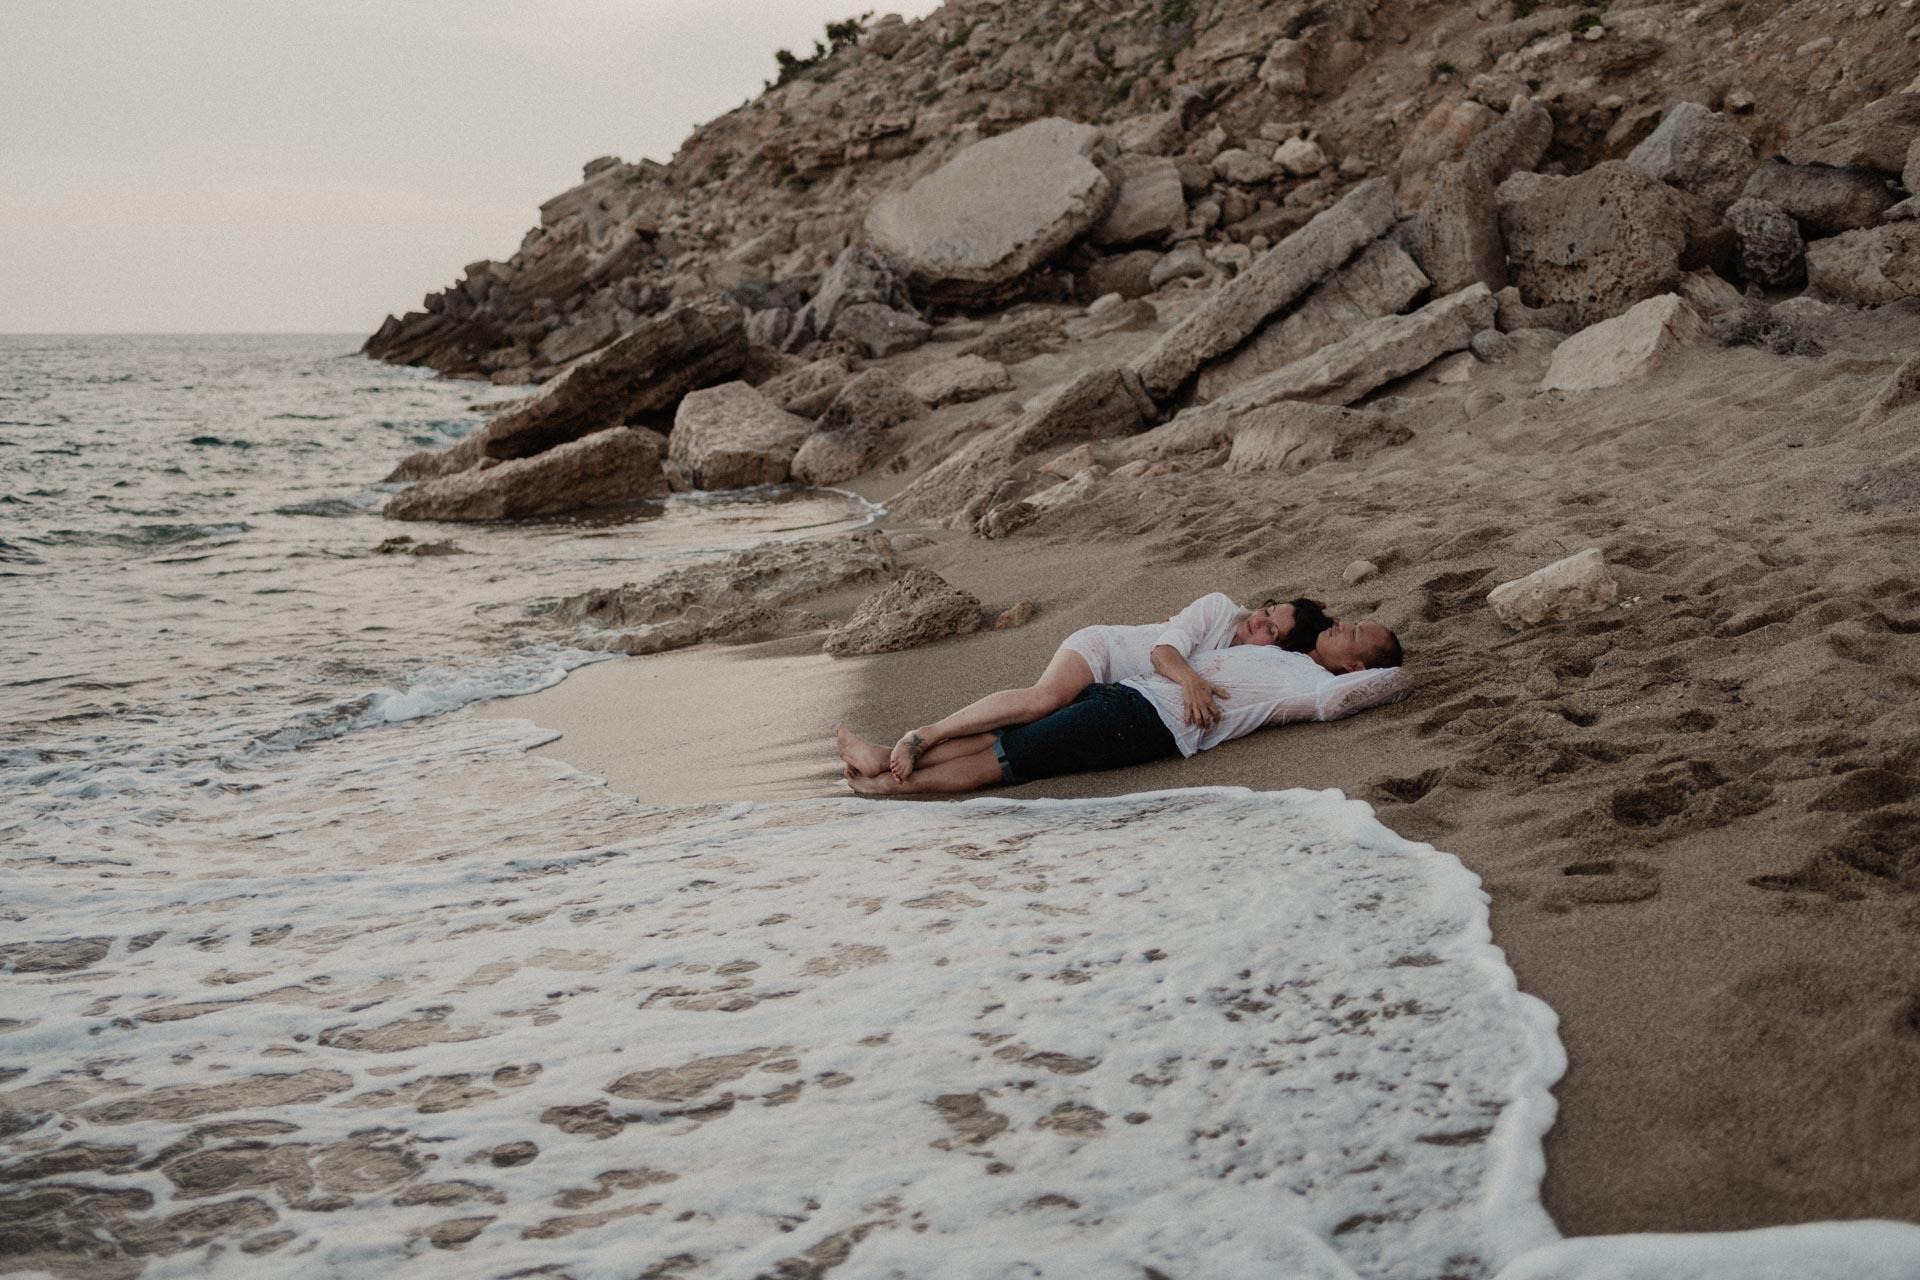 séance couple au bord de la mer